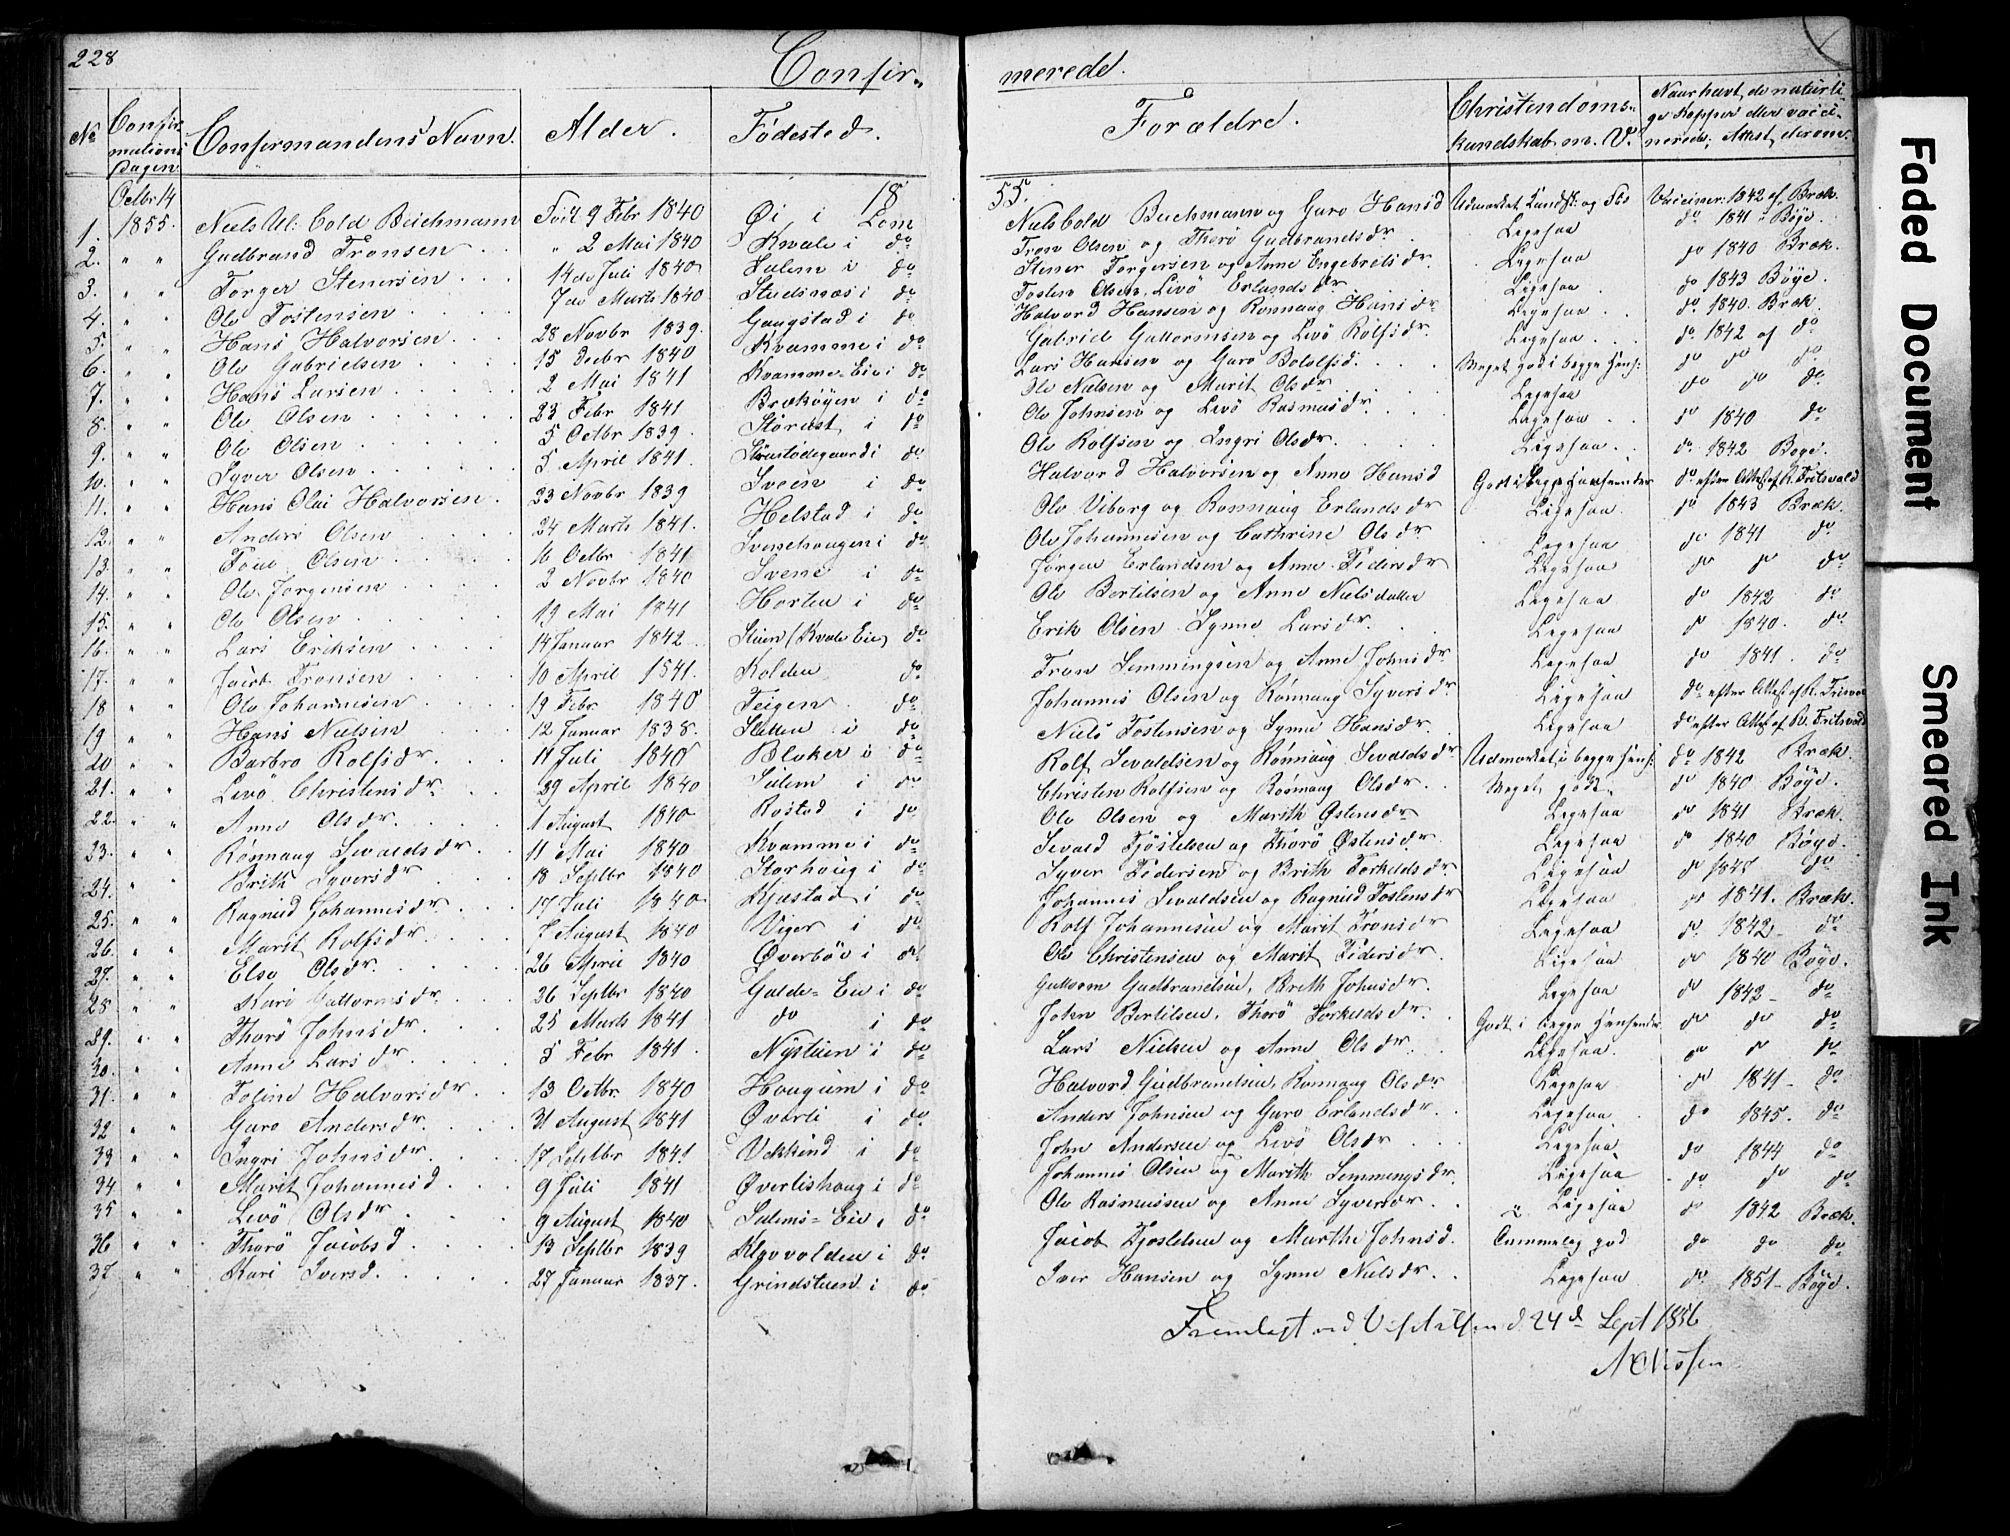 SAH, Lom prestekontor, L/L0012: Klokkerbok nr. 12, 1845-1873, s. 228-229